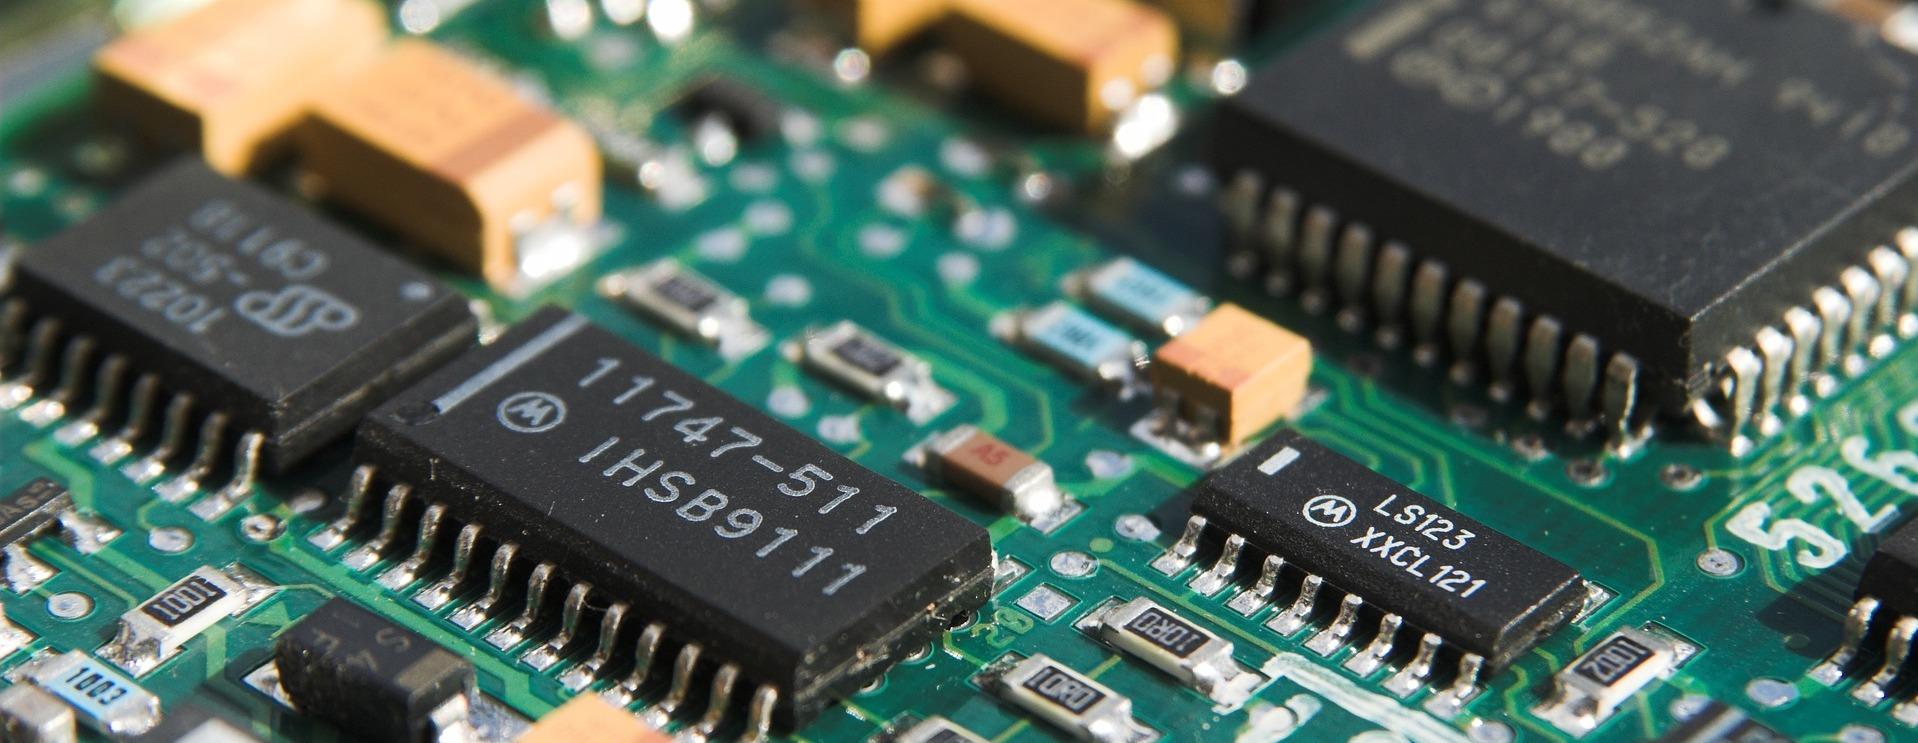 Байкал электроникс с появлением инвестора активно заказывает чипы для миллиардных проектов